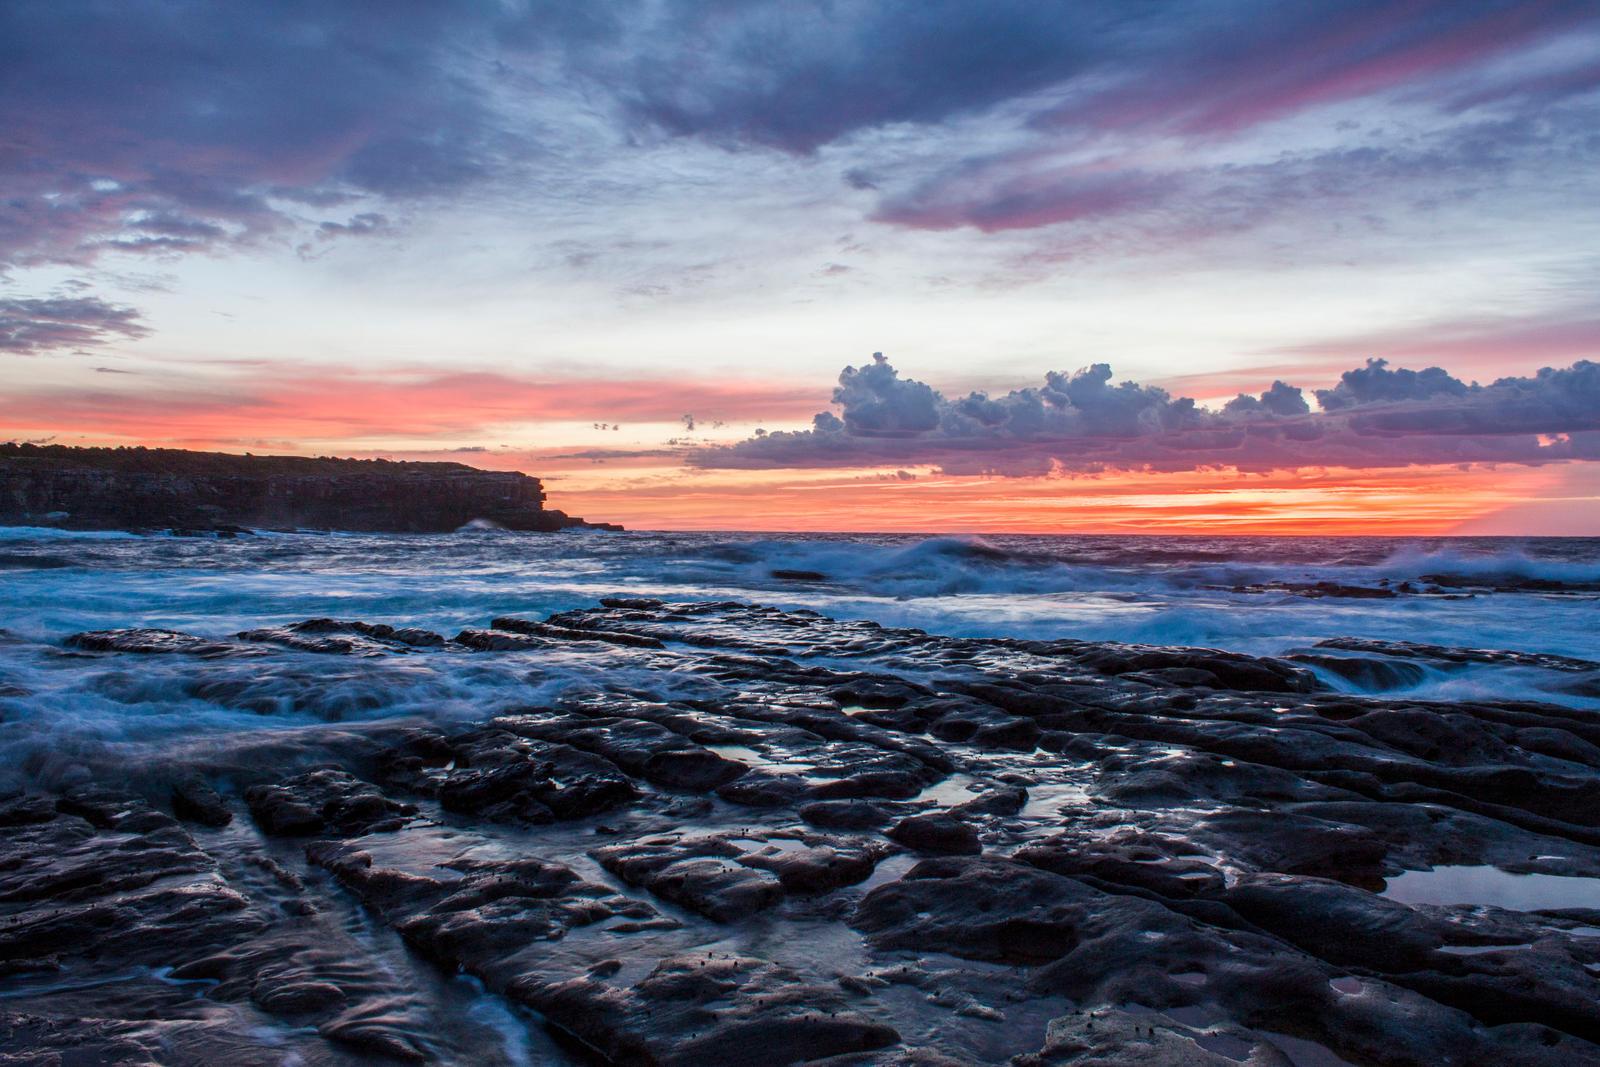 Dawn Little Bay by TarJakArt